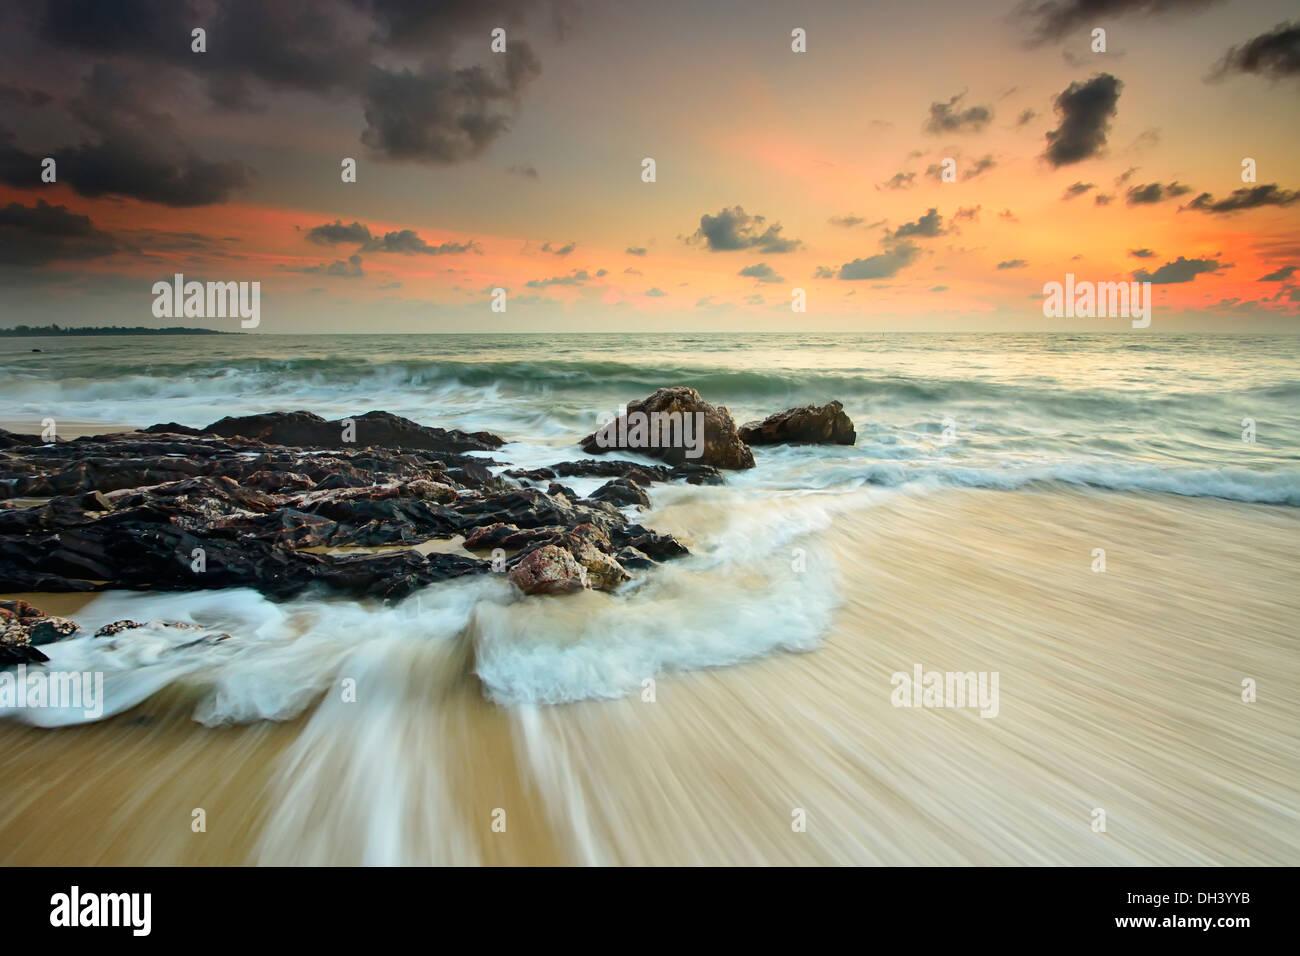 Les vagues de la mer de l'impact de la ligne des cils rock sur la plage Photo Stock